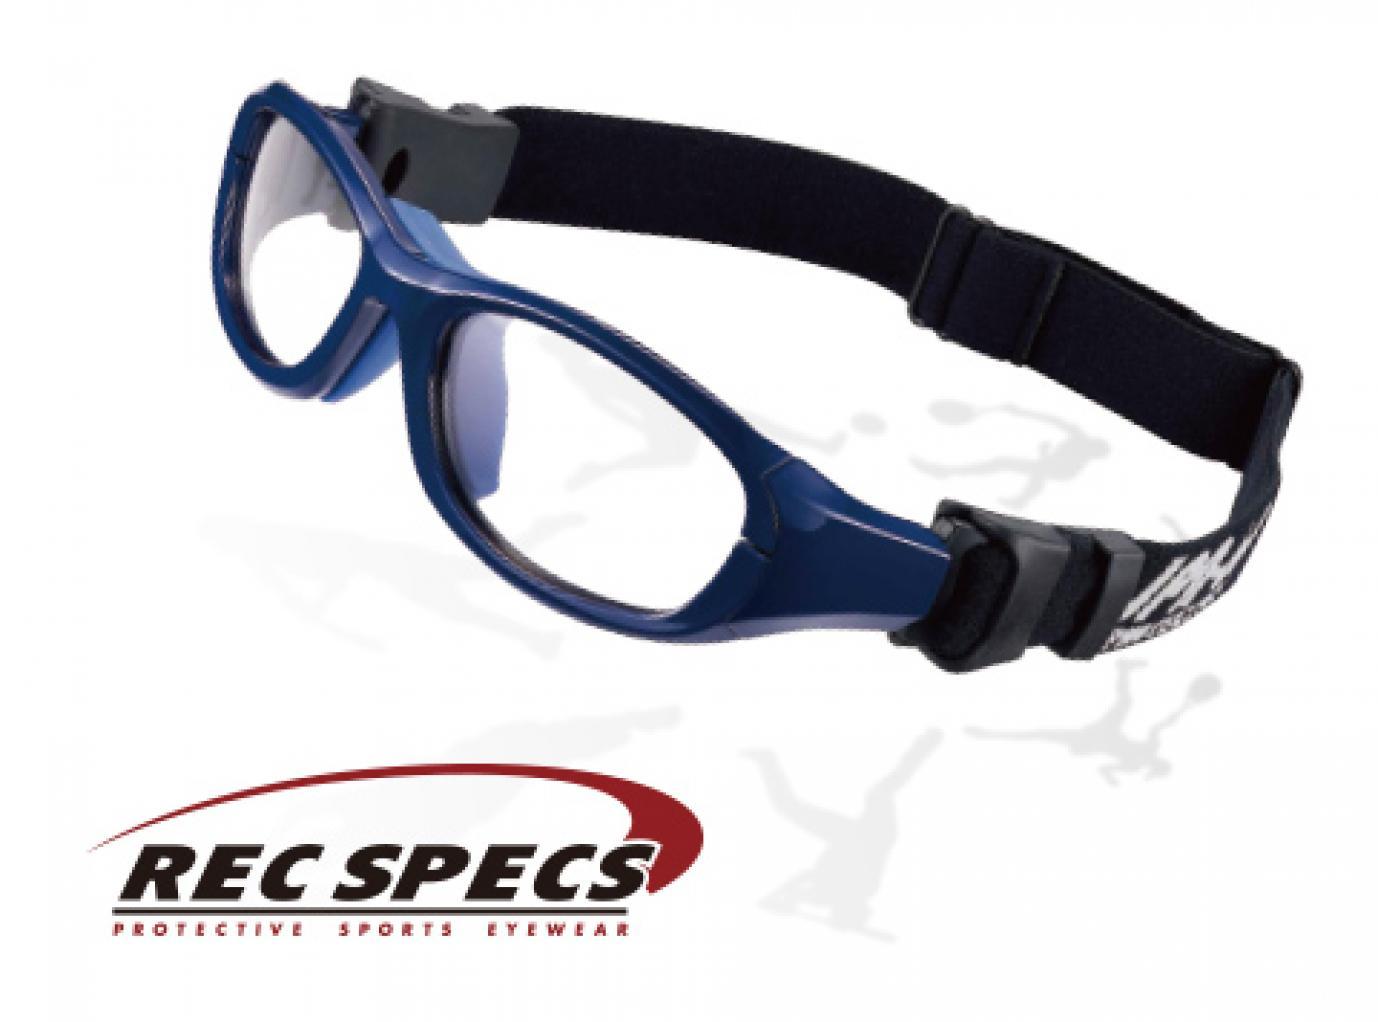 ジュニアからアダルトまで対応スポーツメガネ「REC SPECS」